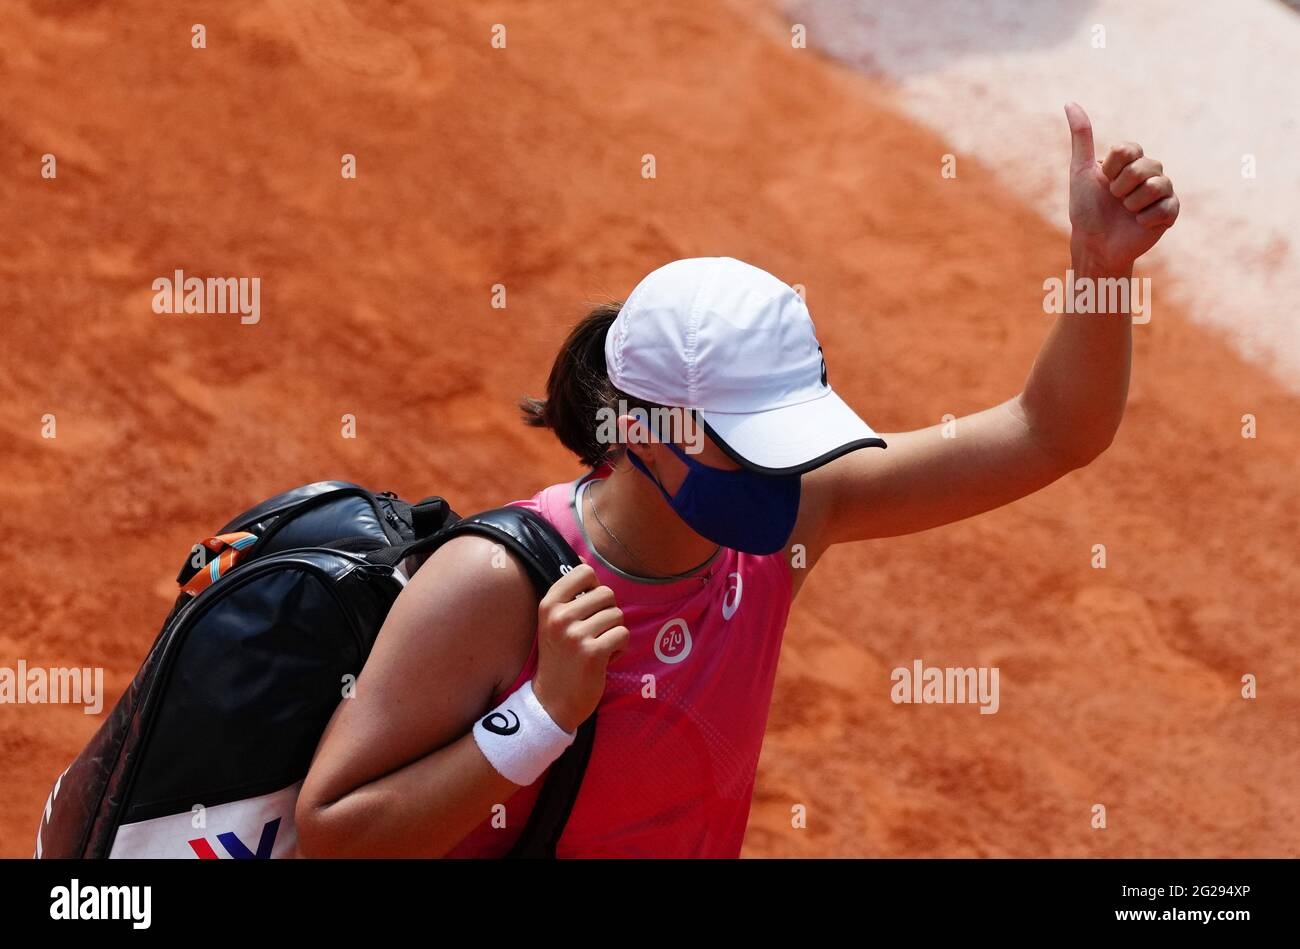 Paris, France. 9 juin 2021. IGA Swiatek, de Pologne, quitte le terrain après le quart-finale féminin entre Maria Sakkari, de Grèce, et IGA Swiatek, de Pologne, lors du tournoi de tennis ouvert à Roland Garros à Paris, en France, le 9 juin 2021. Credit: Gao Jing/Xinhua/Alamy Live News Banque D'Images